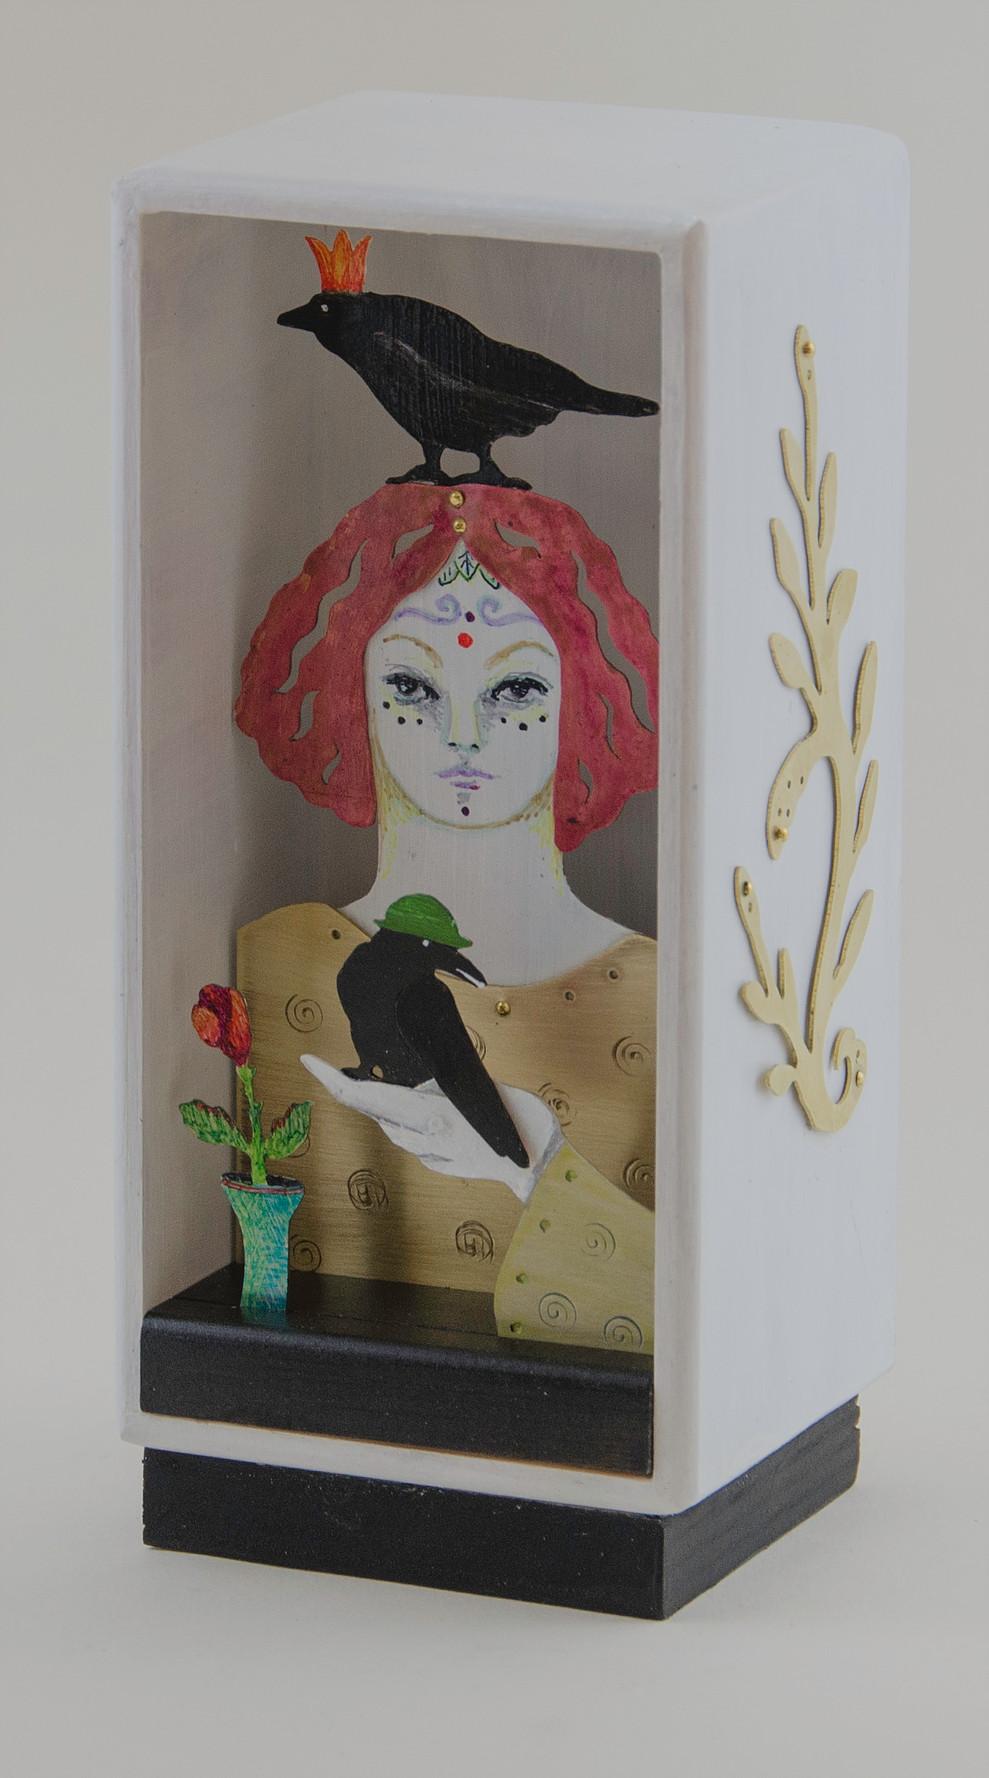 Red Hair, Green Hat, Gold Crown - 6.5_ H x 3_ W x 2.5_ D   .jpg_; filename_=UTF-8''Red Hair%2c Green Hat%2c Gold Crown - 6.5_ H x 3_ W x 2.5_ D   .jpg